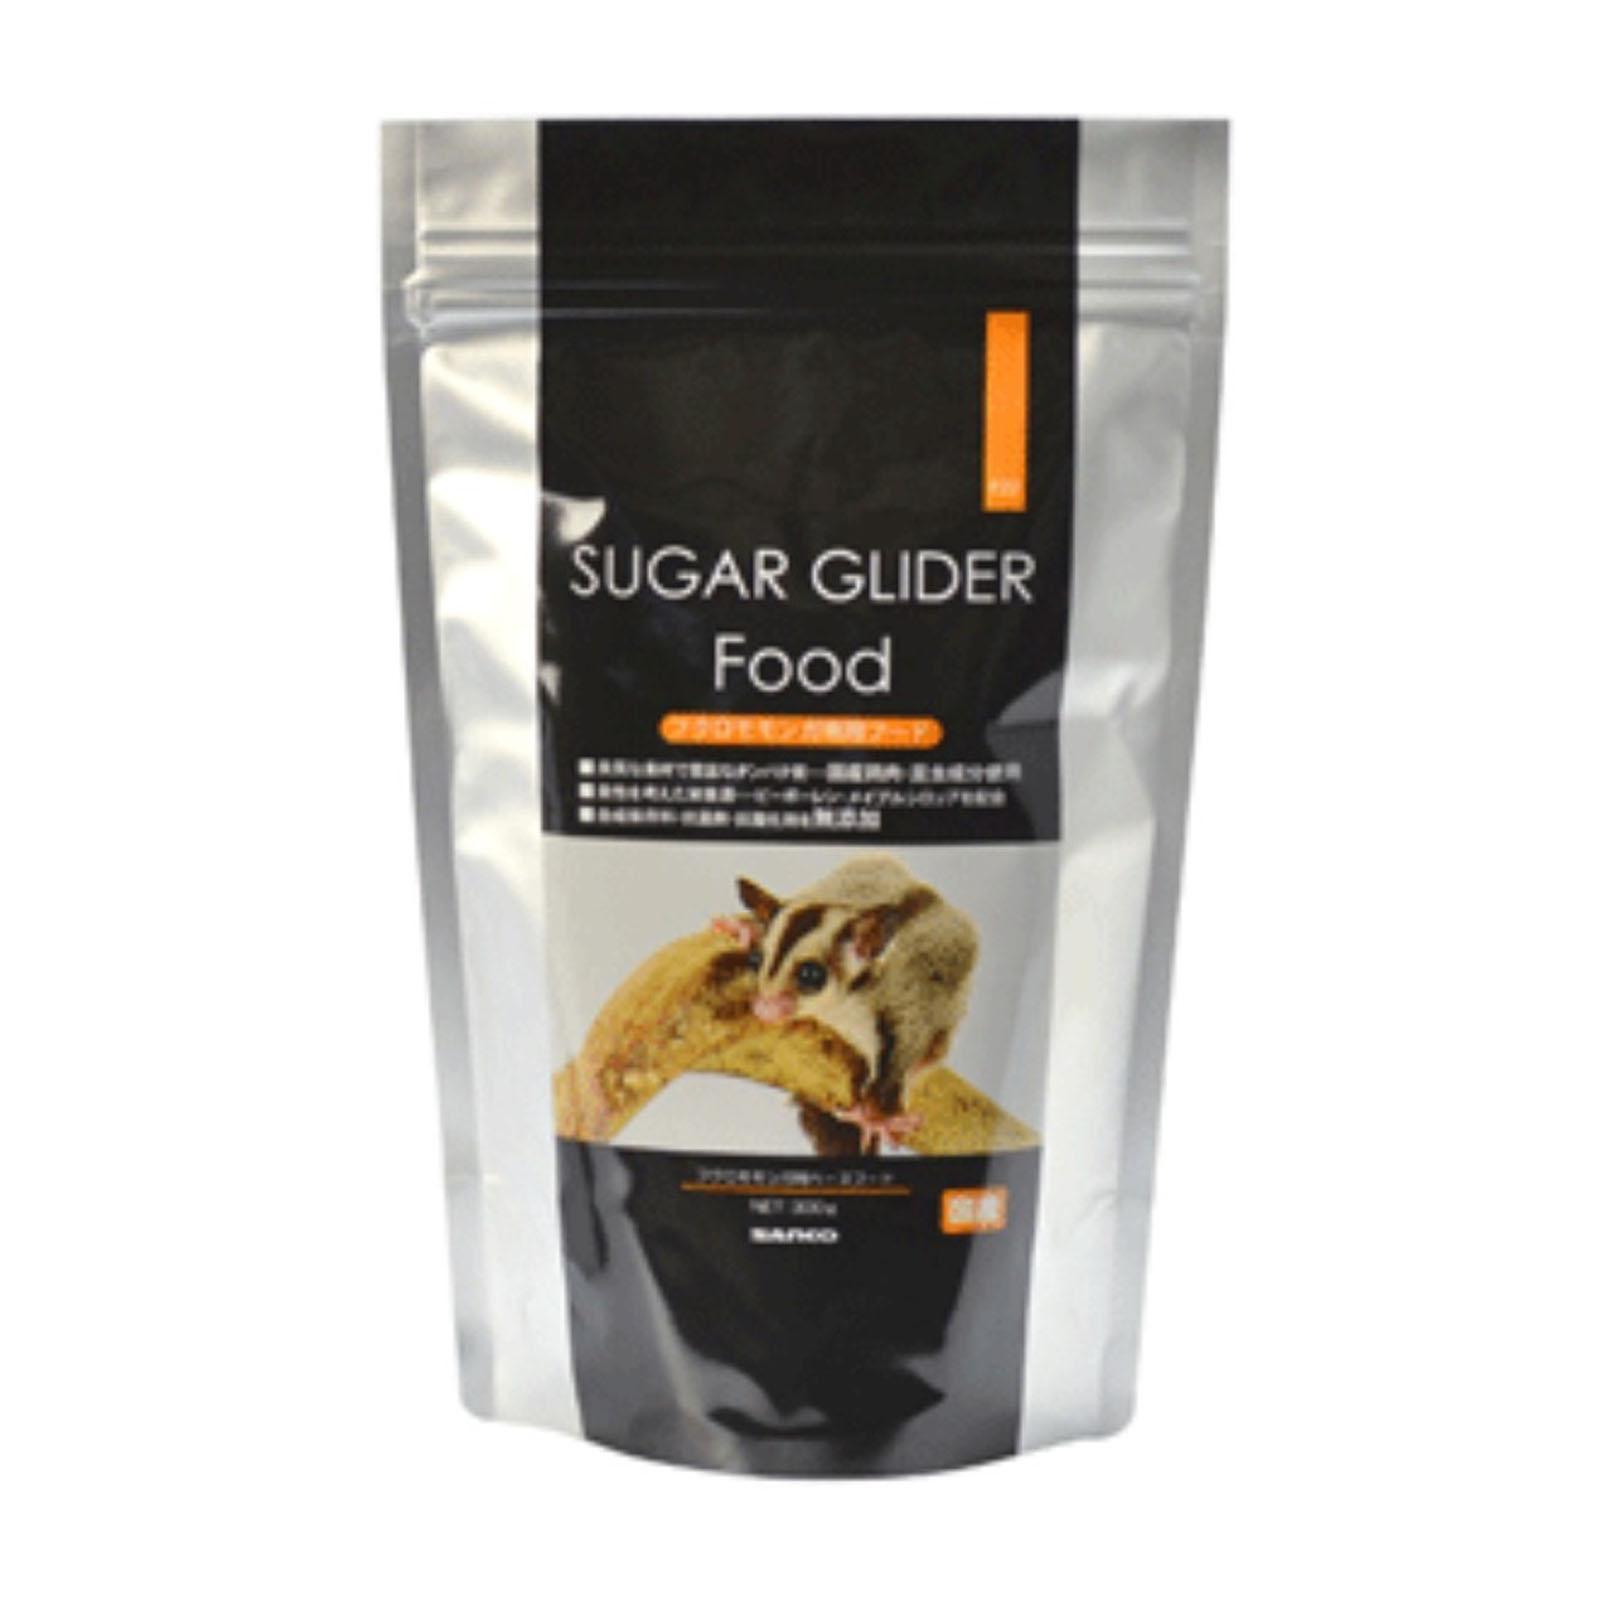 Sanko Wild Sugar Glider Food